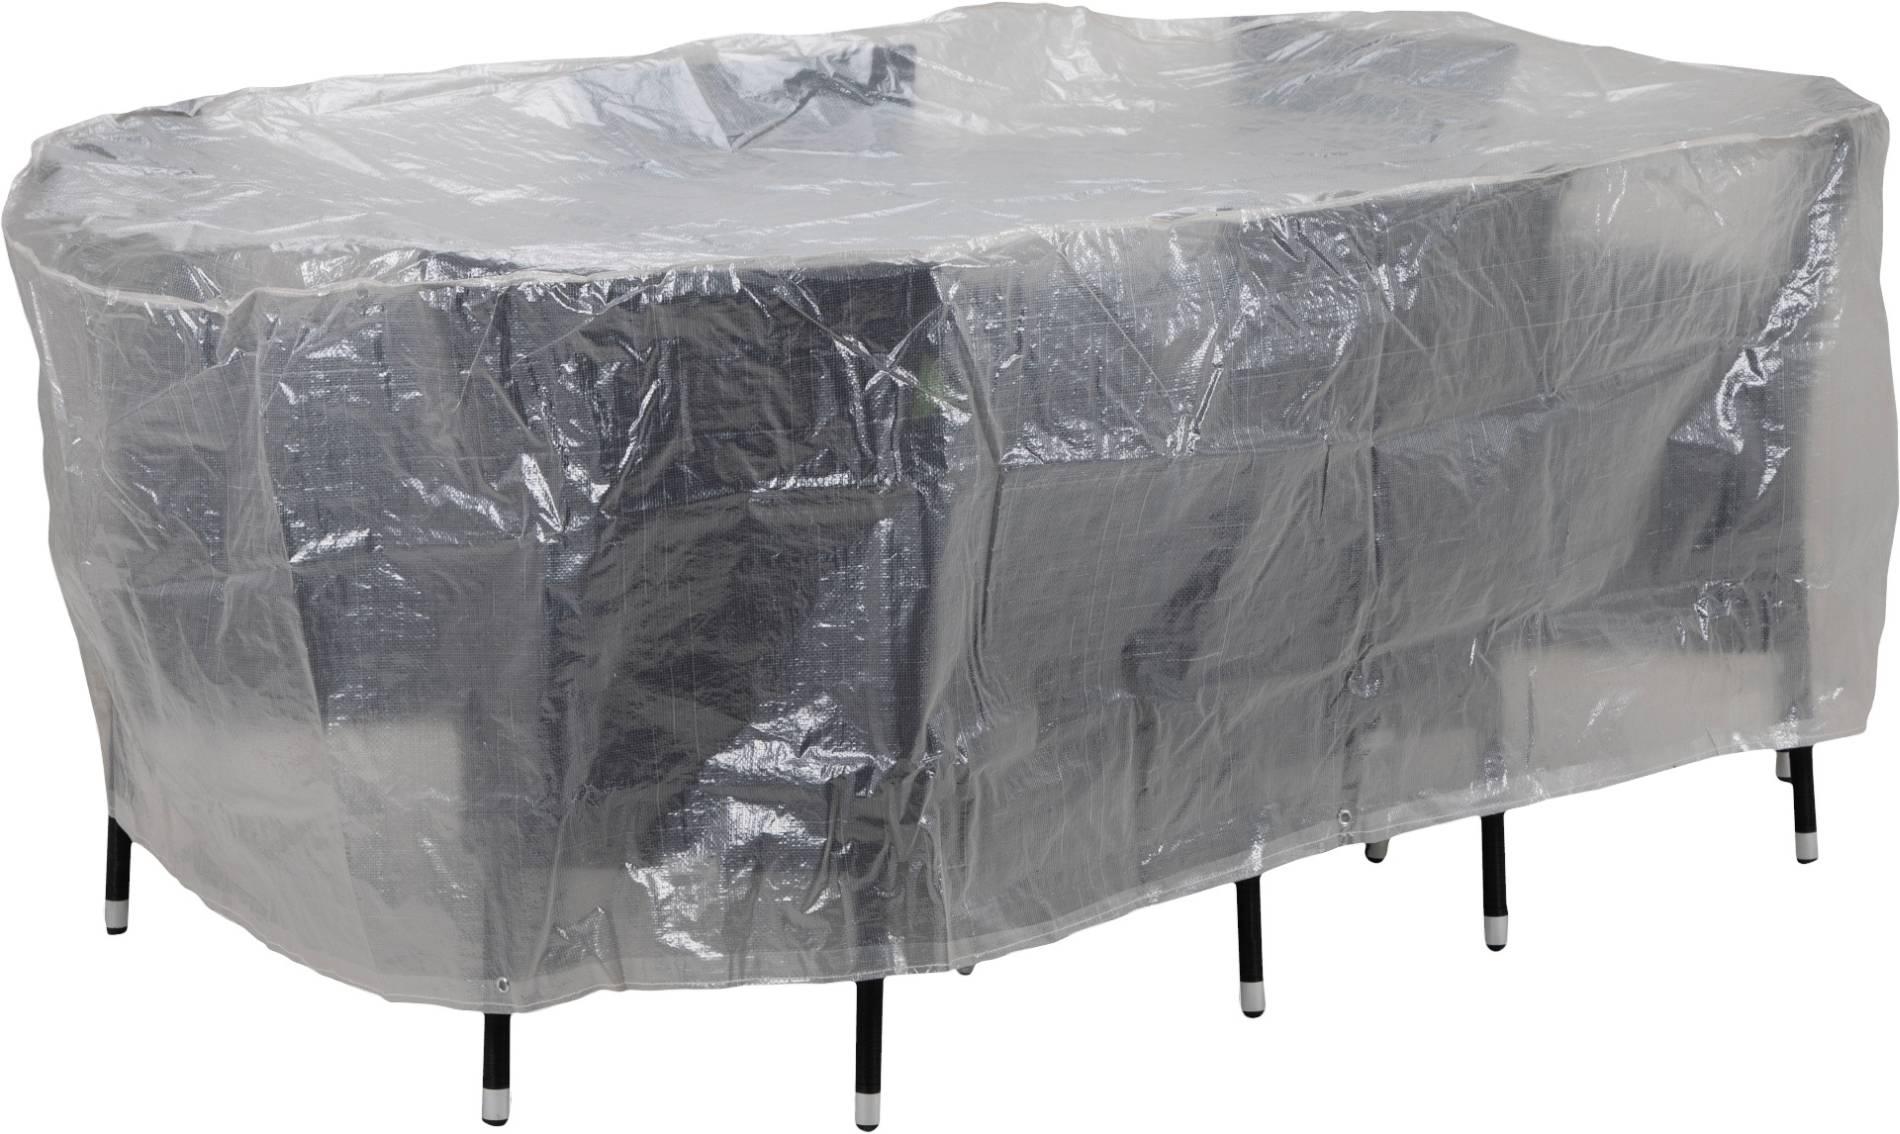 Schutzhülle für Garten Sitzgruppen bis 230 cm oval von beo